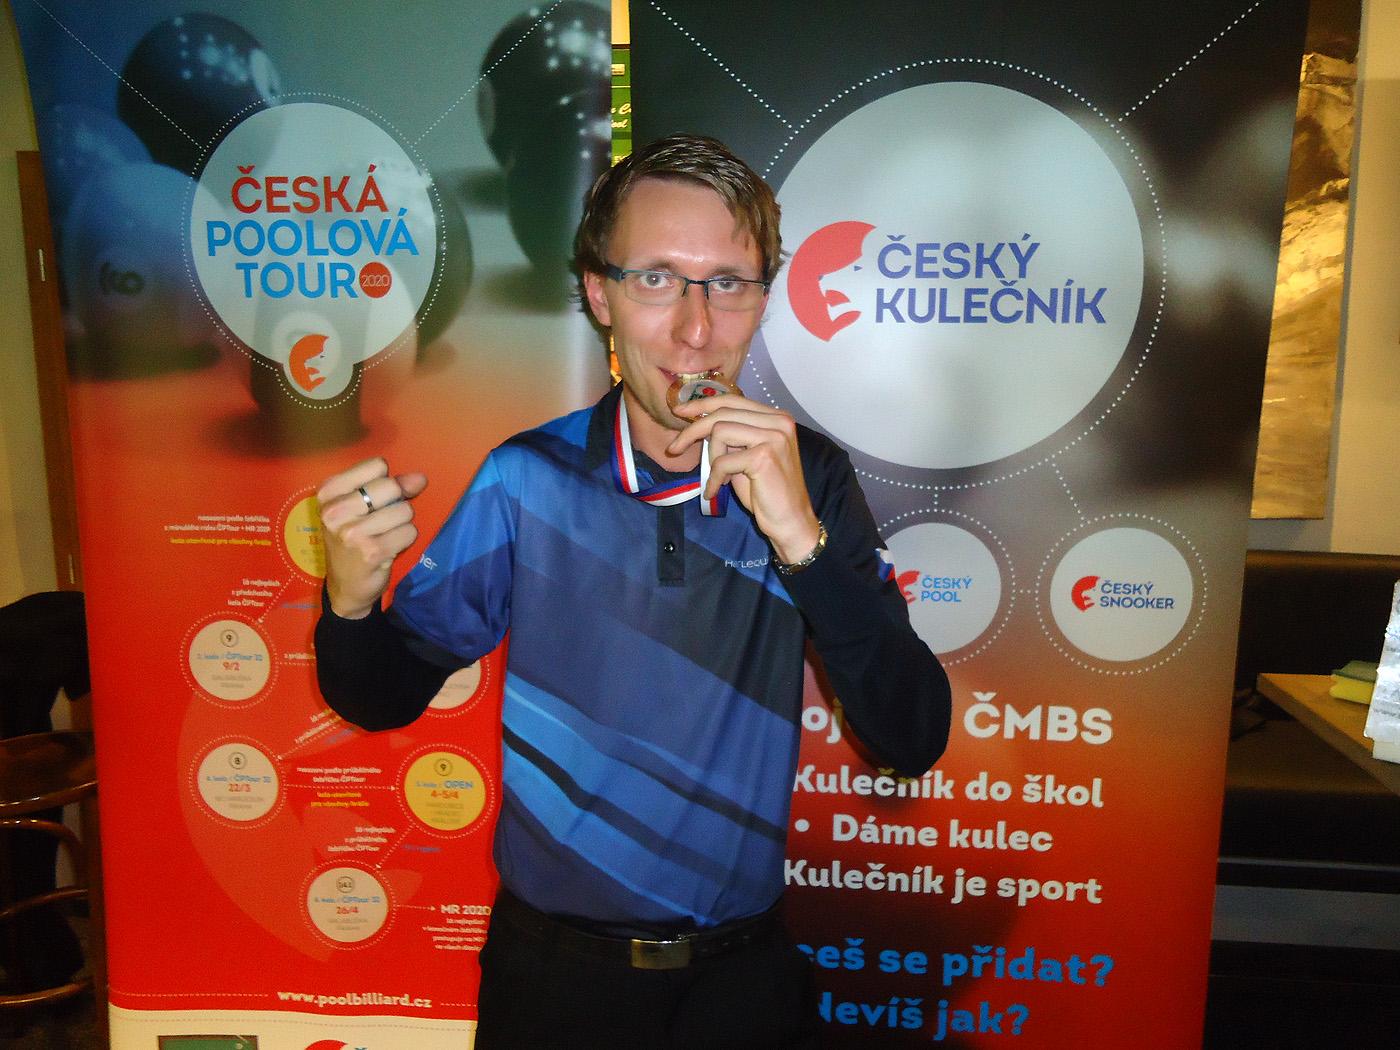 V prvním turnaji po obnovení soutěží vítězí Jan Meisner!